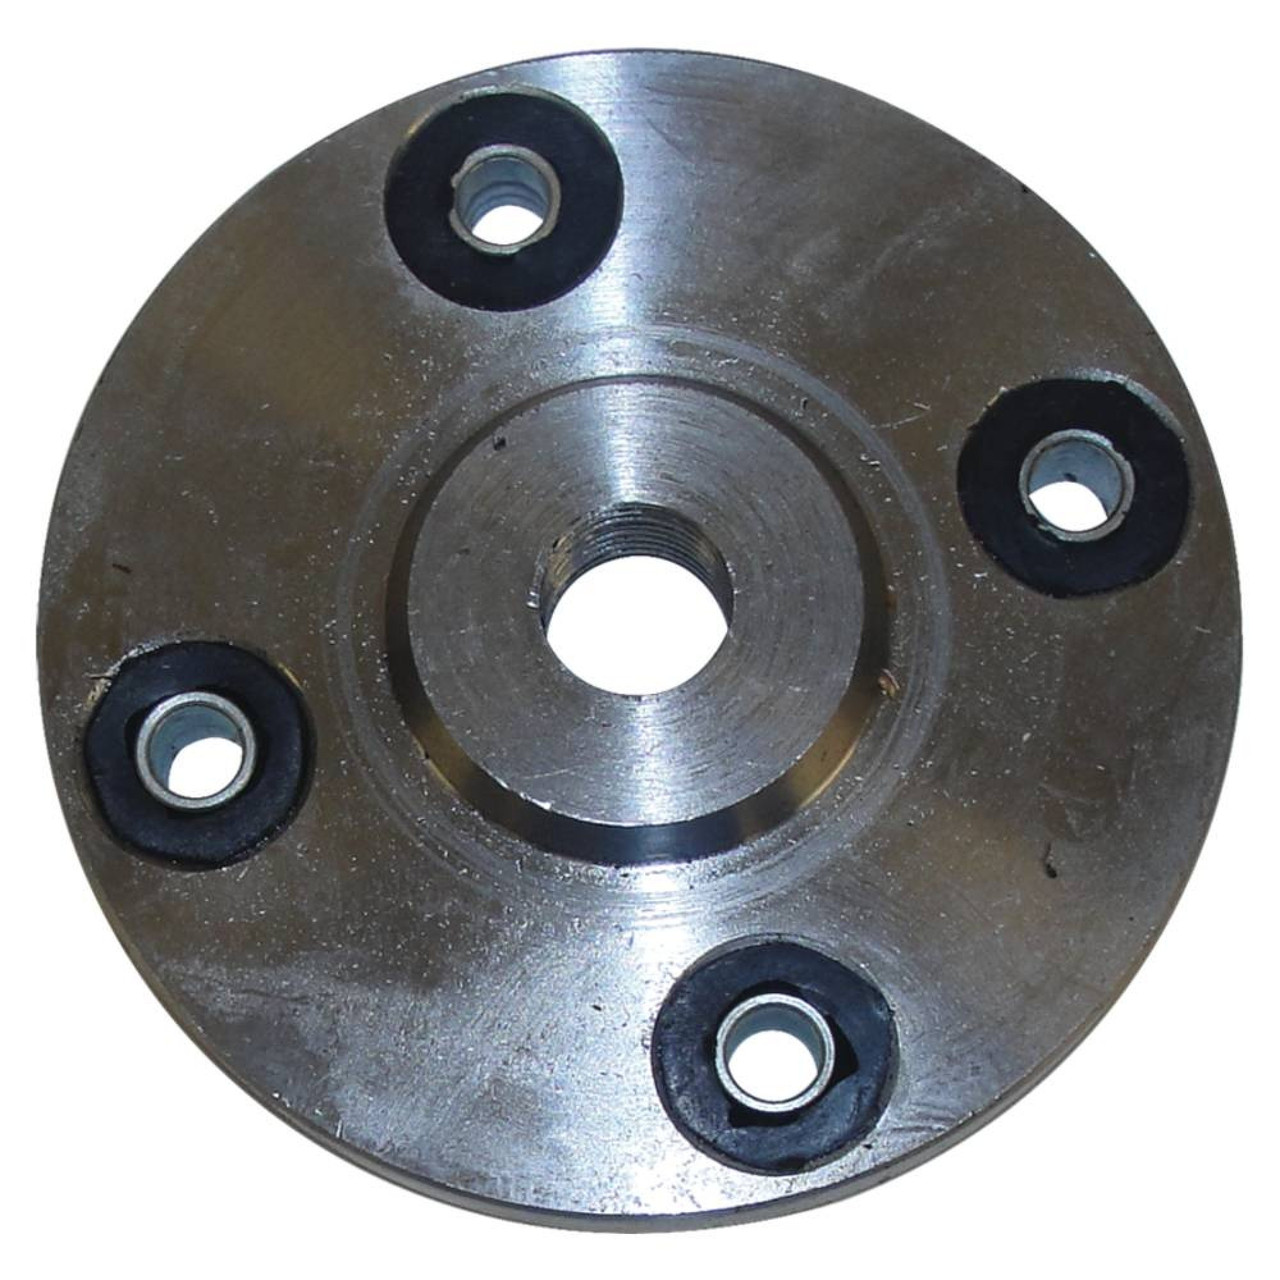 Pump Drive Coupler 708639M91 Massey Ferguson 135 165 175 2200 Lift 1201-0410